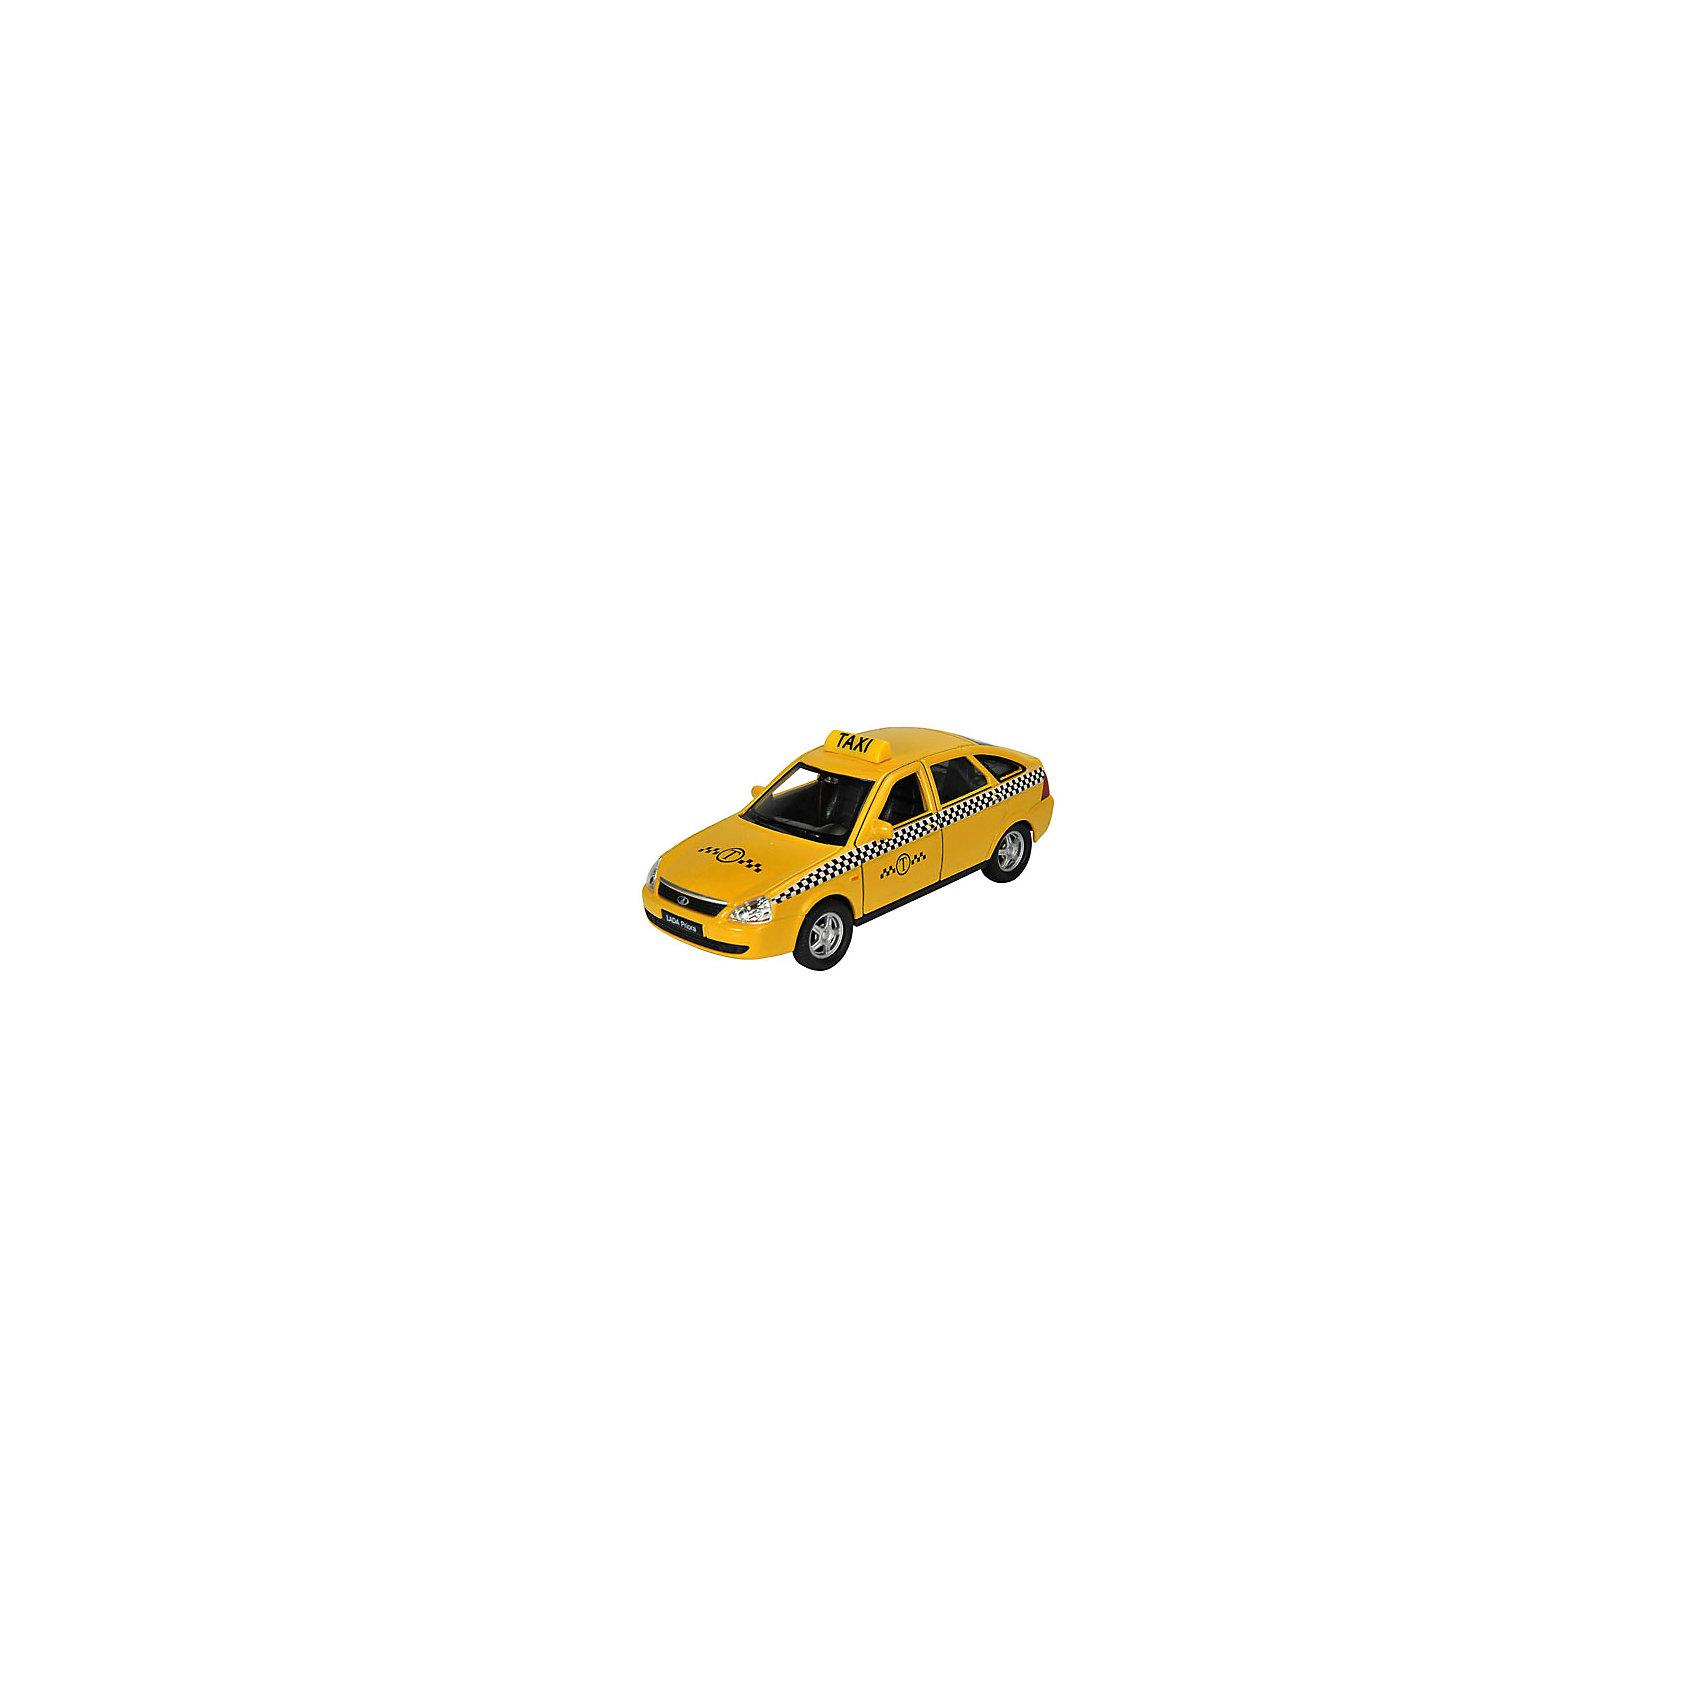 Модель машины  1:34-39 LADA PRIORA ТАКСИ, WellyКоллекционные модели<br>Коллекционная модель машины Welly  1:34-39 LADA PRIORA ТАКСИ.<br>Цвет кузова автомобиля представлен в ассортименте. Выбрать определенный цвет заранее не представляется возможным.<br><br>Ширина мм: 60<br>Глубина мм: 115<br>Высота мм: 145<br>Вес г: 161<br>Возраст от месяцев: 36<br>Возраст до месяцев: 192<br>Пол: Мужской<br>Возраст: Детский<br>SKU: 4966535